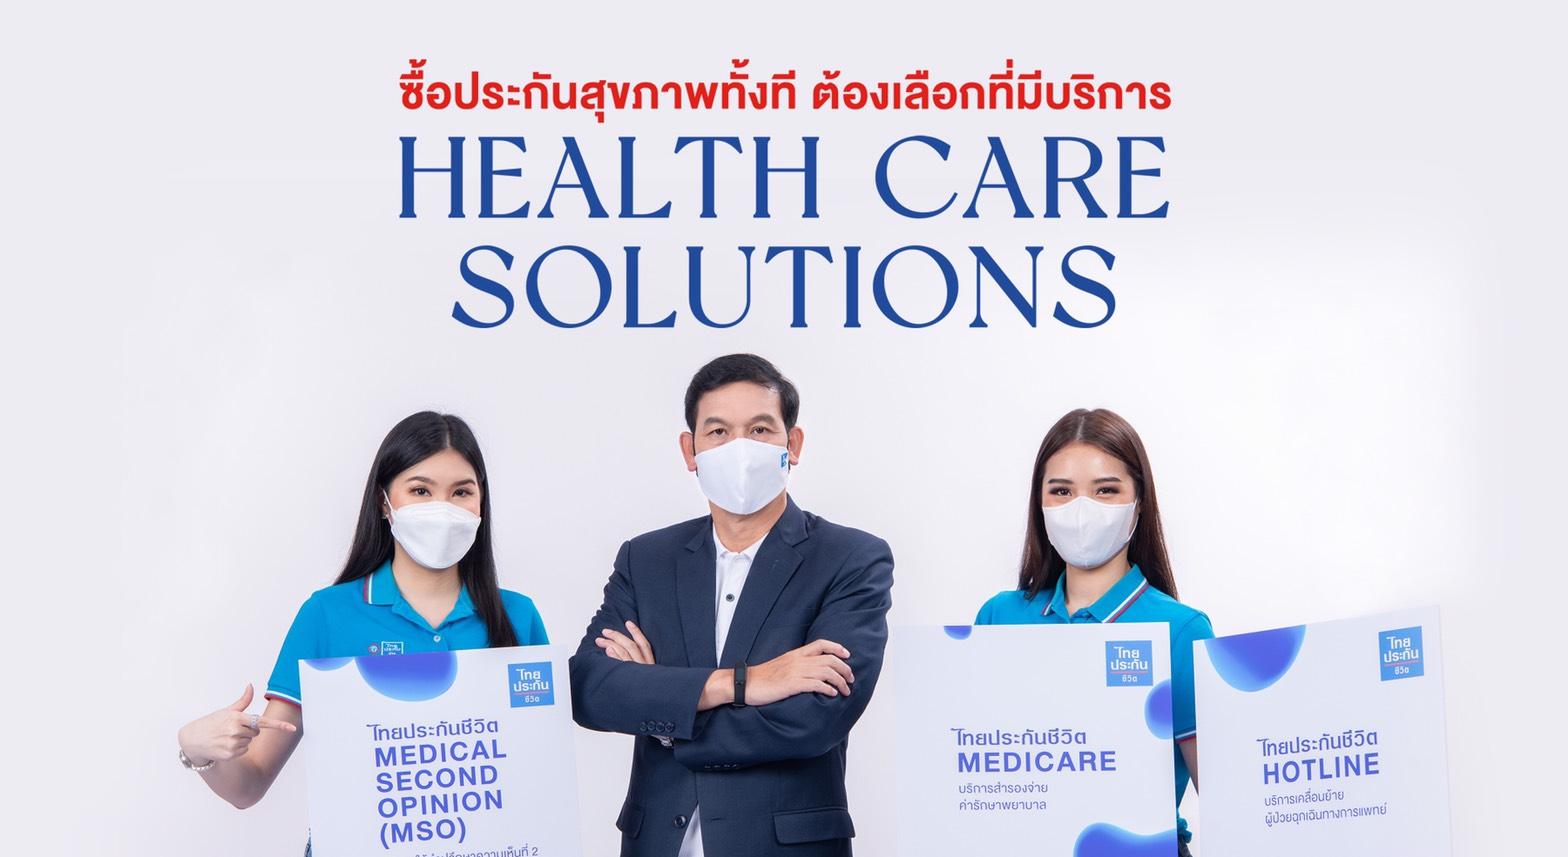 """ไทยประกันชีวิต เปิดตัวบริการพิเศษ  """"ไทยประกันชีวิต Health Care Solutions"""""""